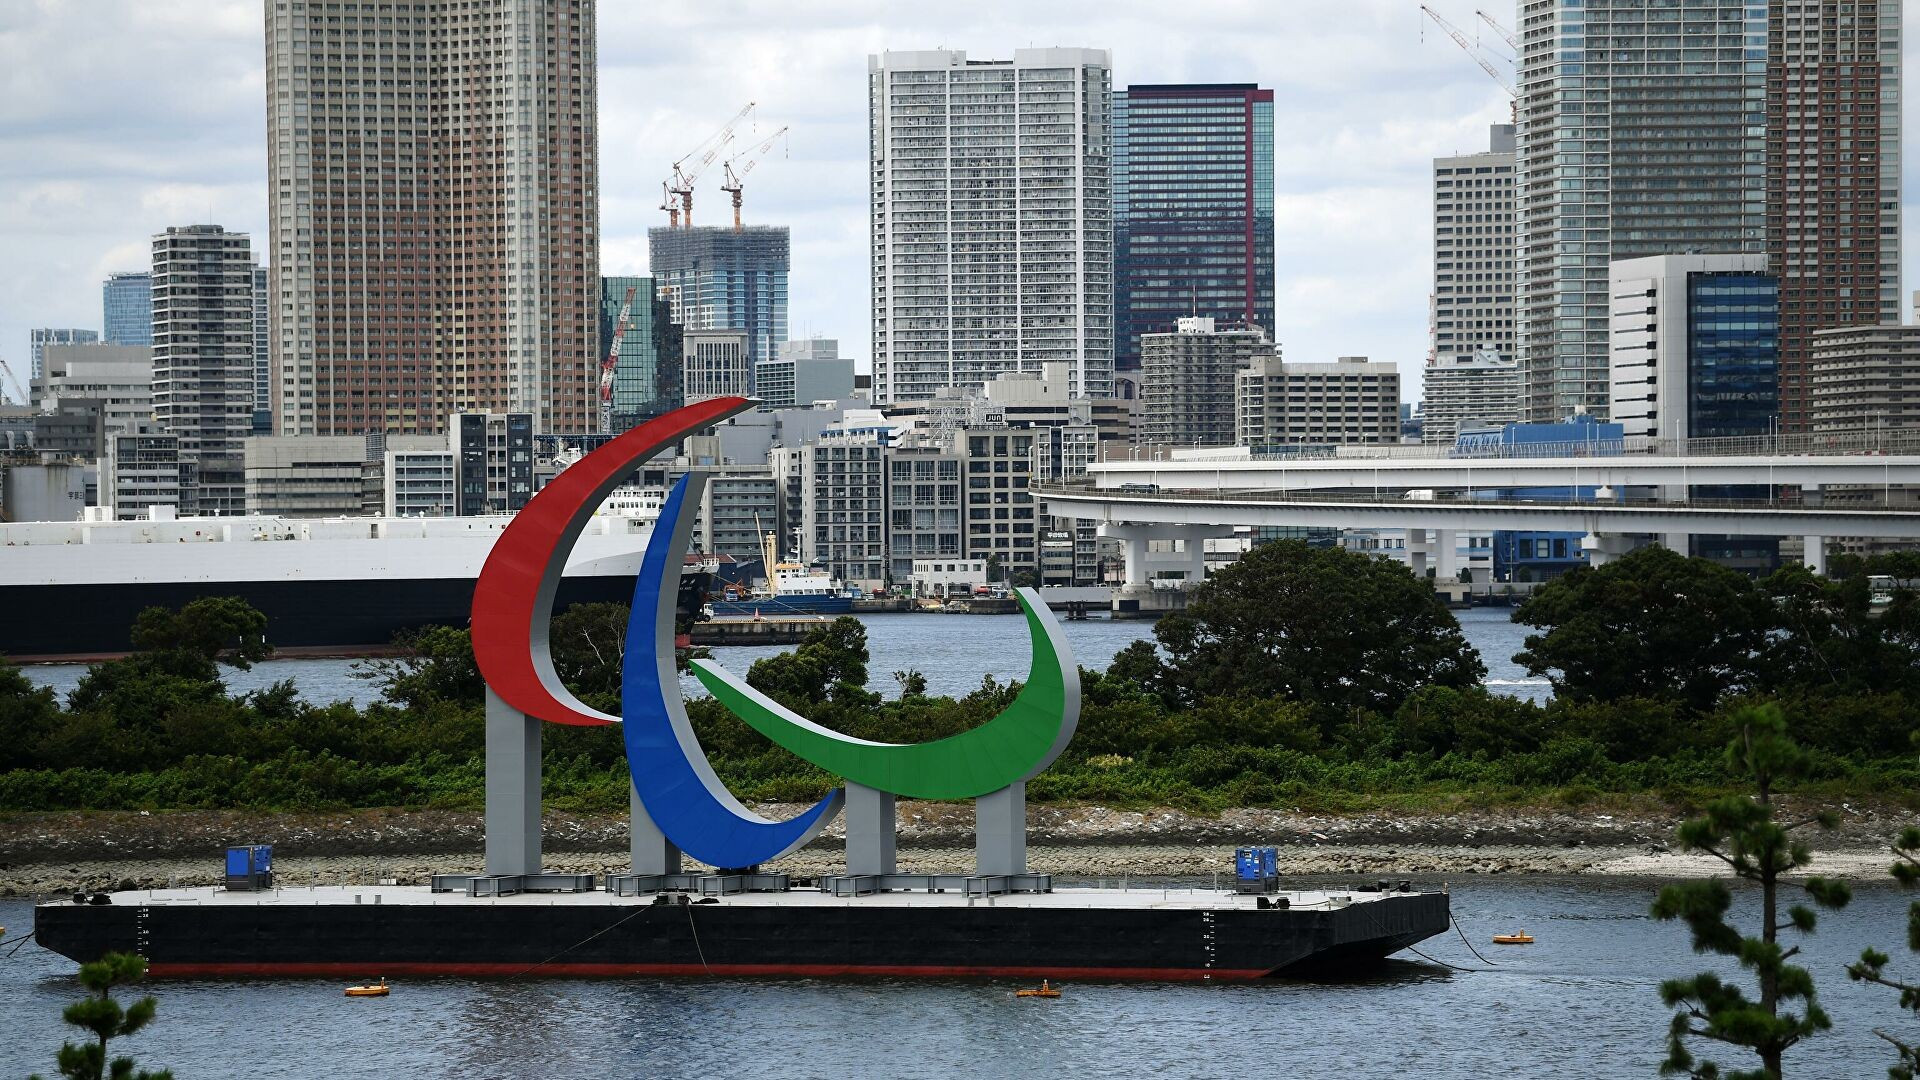 Паралимпиада в Токио: 735,8 млн тенге хотят выделить на поощрение спортсменов и их тренеров